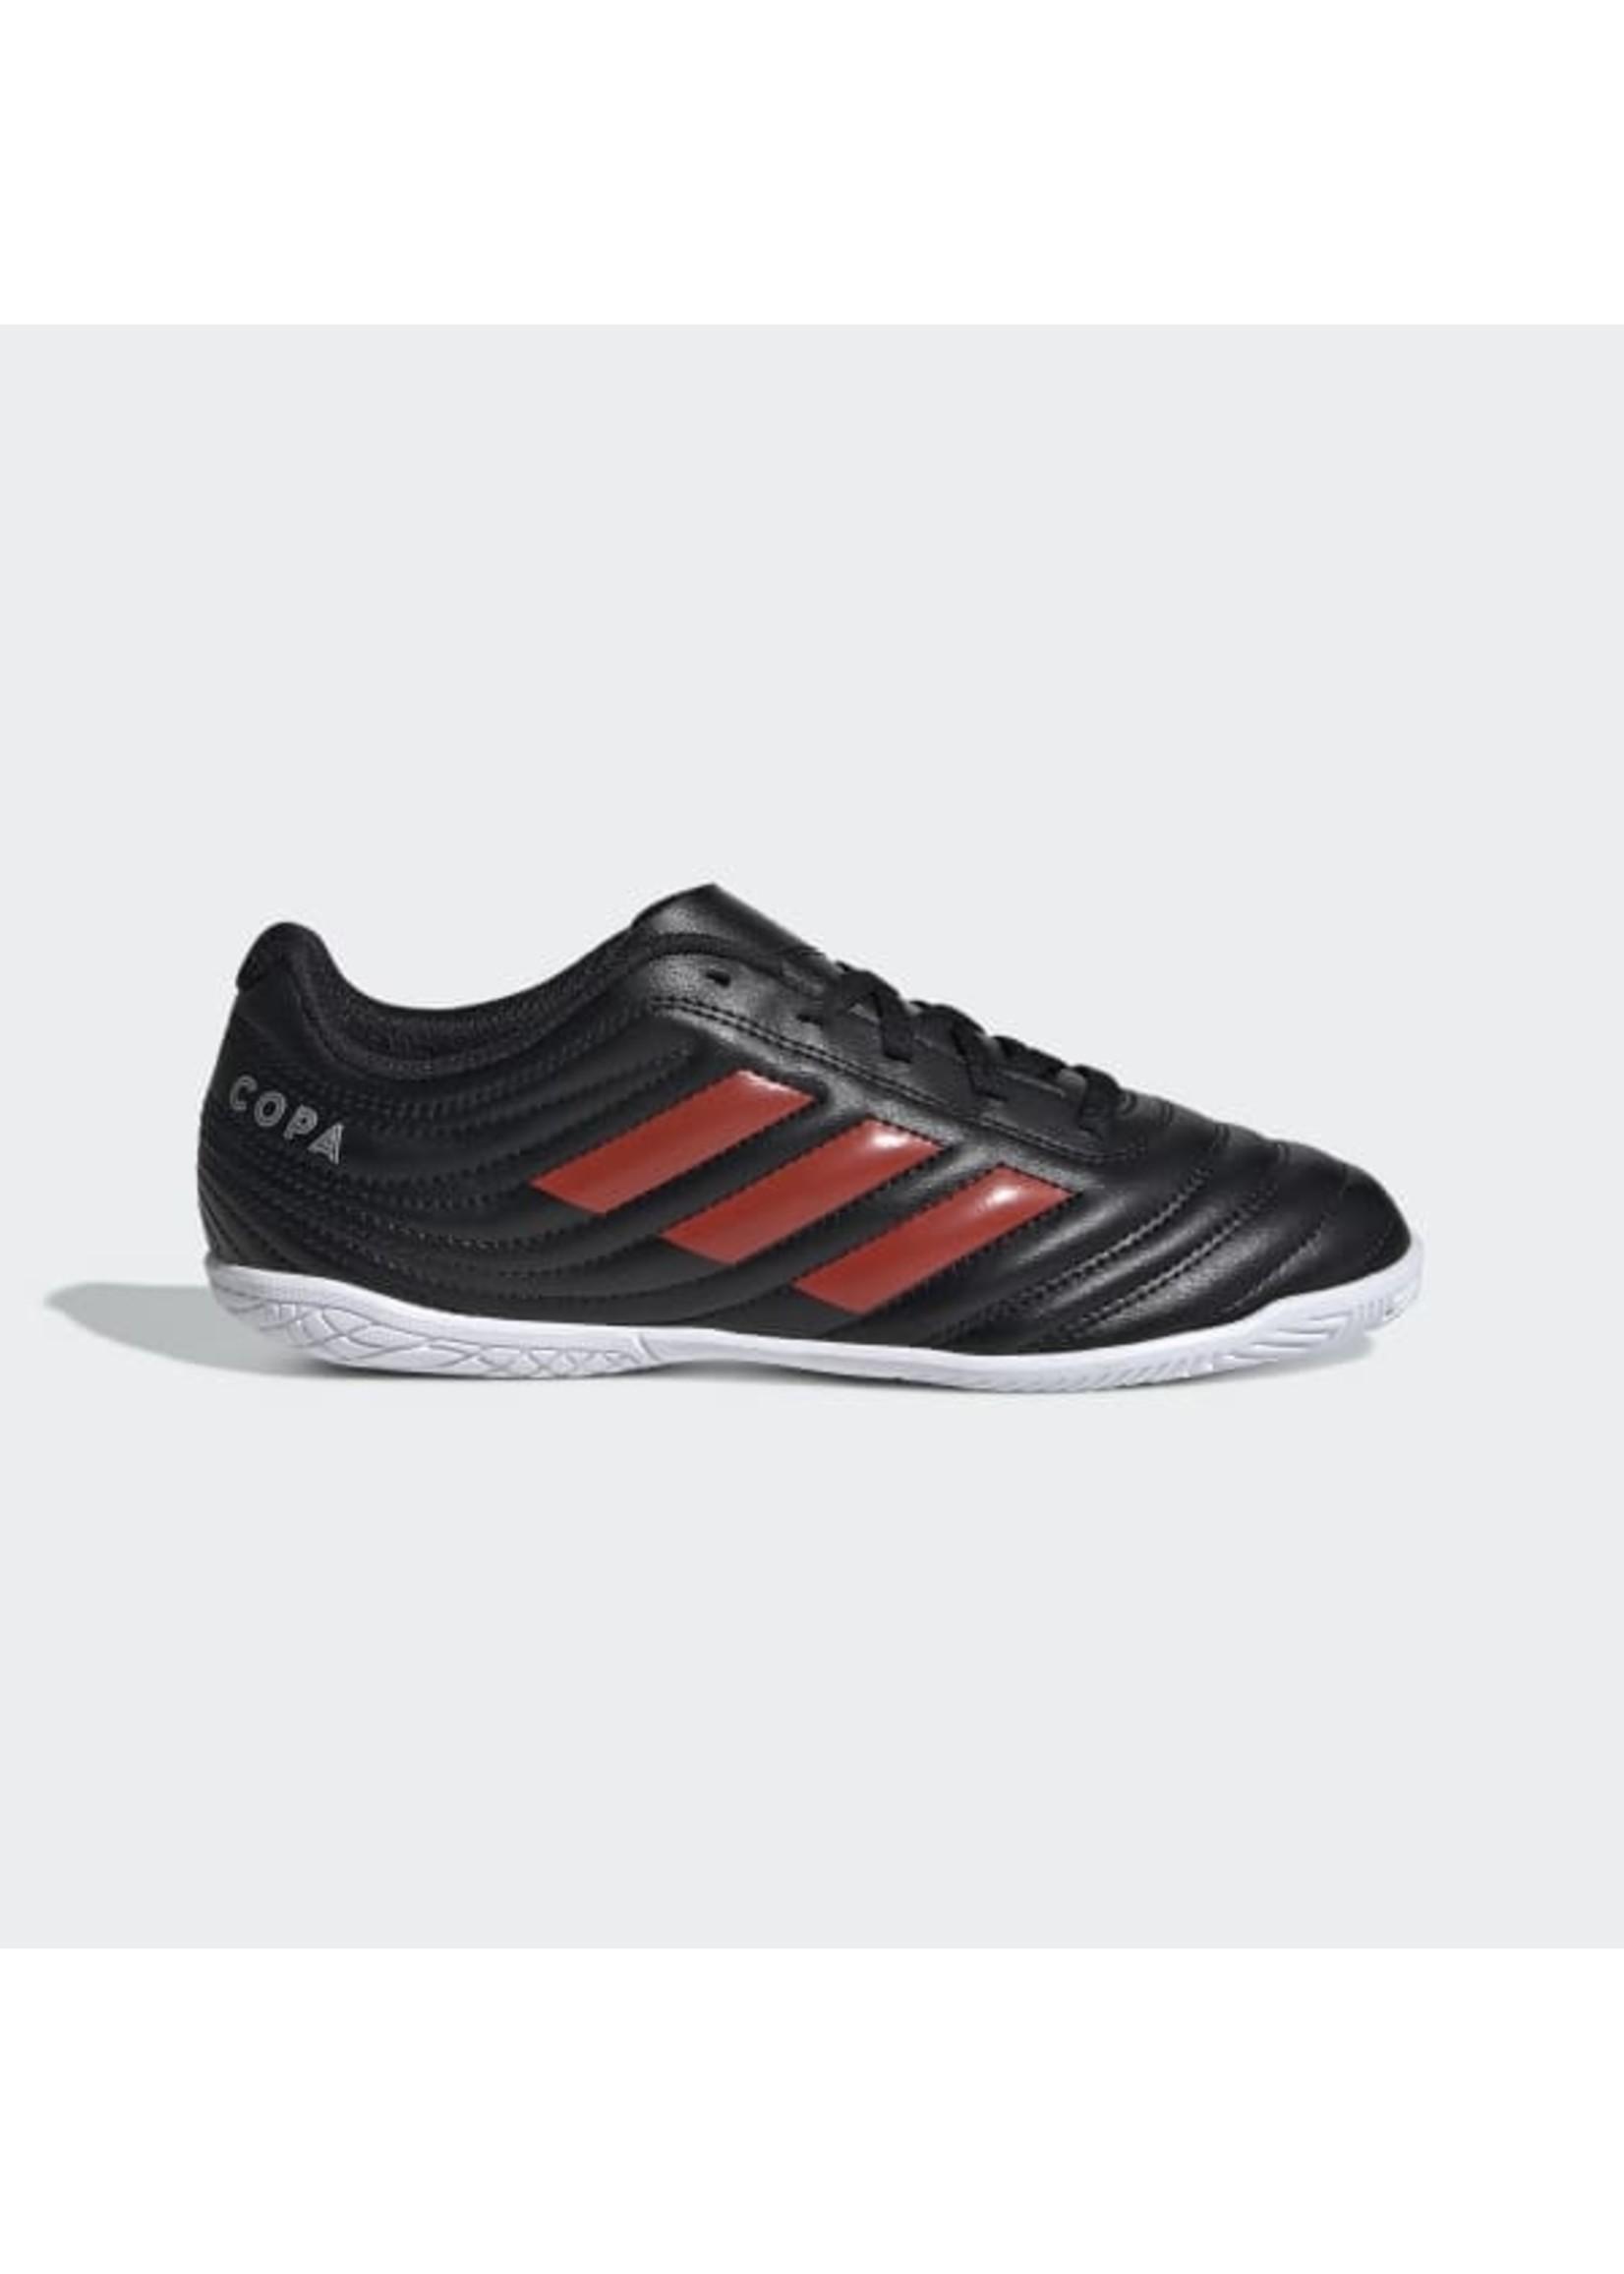 Adidas COPA 19.4 IN Jr F35452